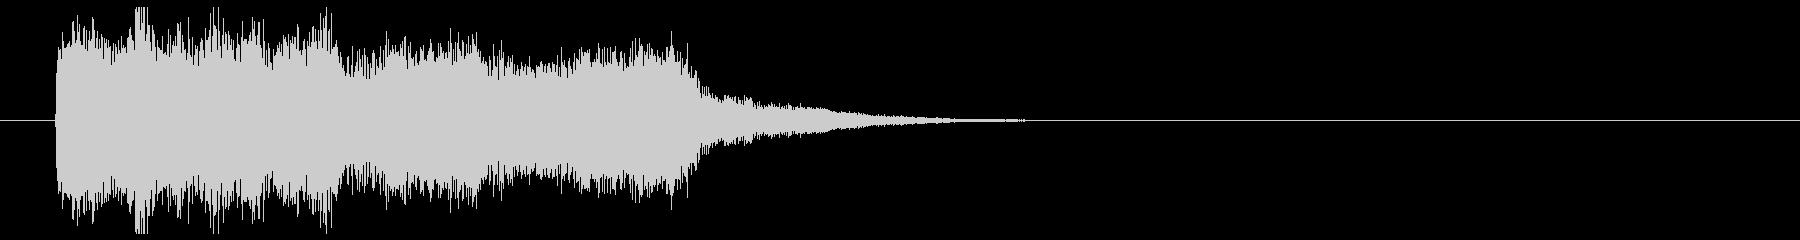 緩やかで繊細なシンセポップジングルの未再生の波形